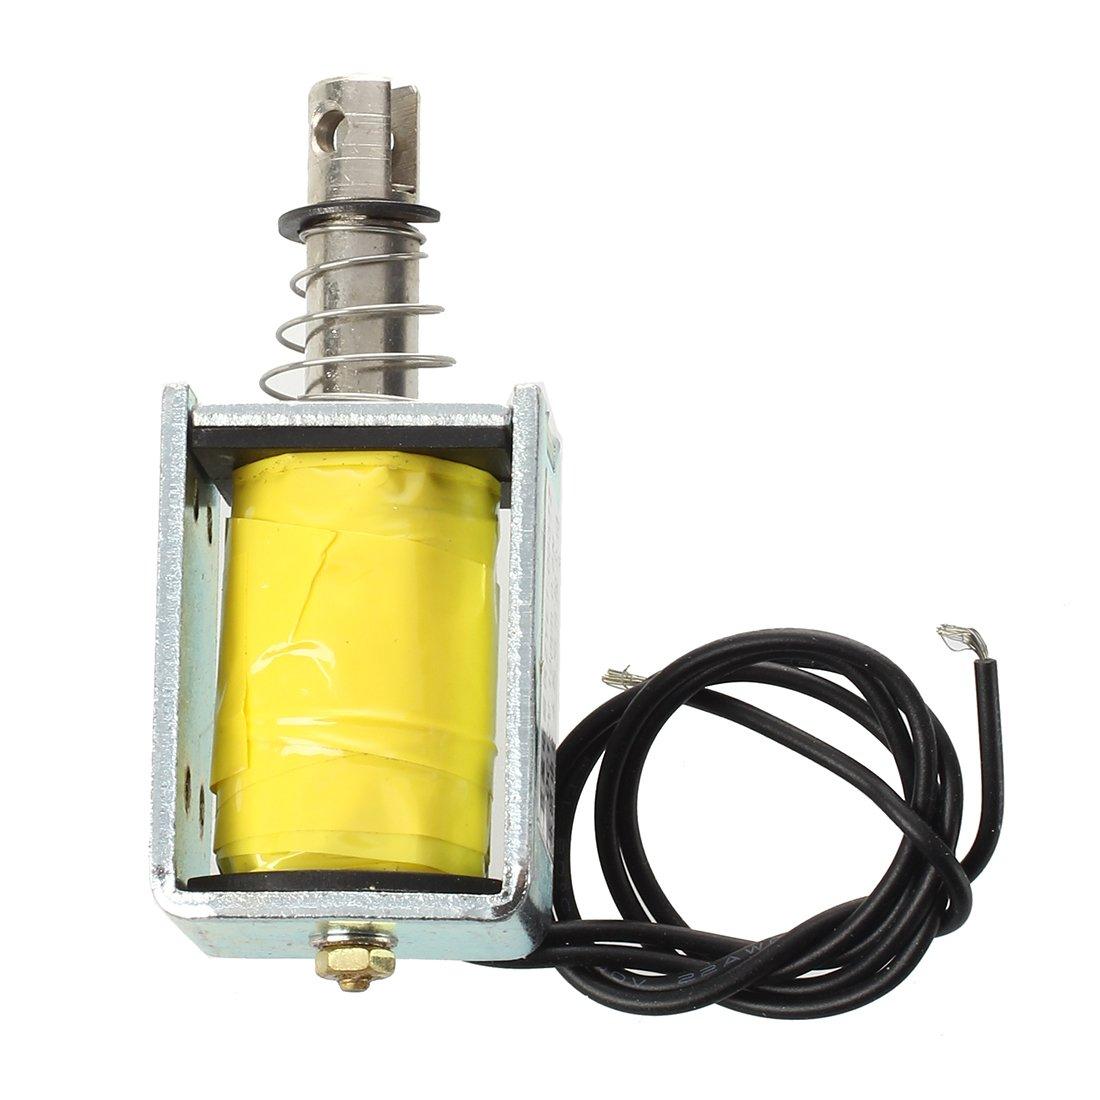 SODIAL(R) DC 12V Push Type Open Frame Solenoid Electromagnet